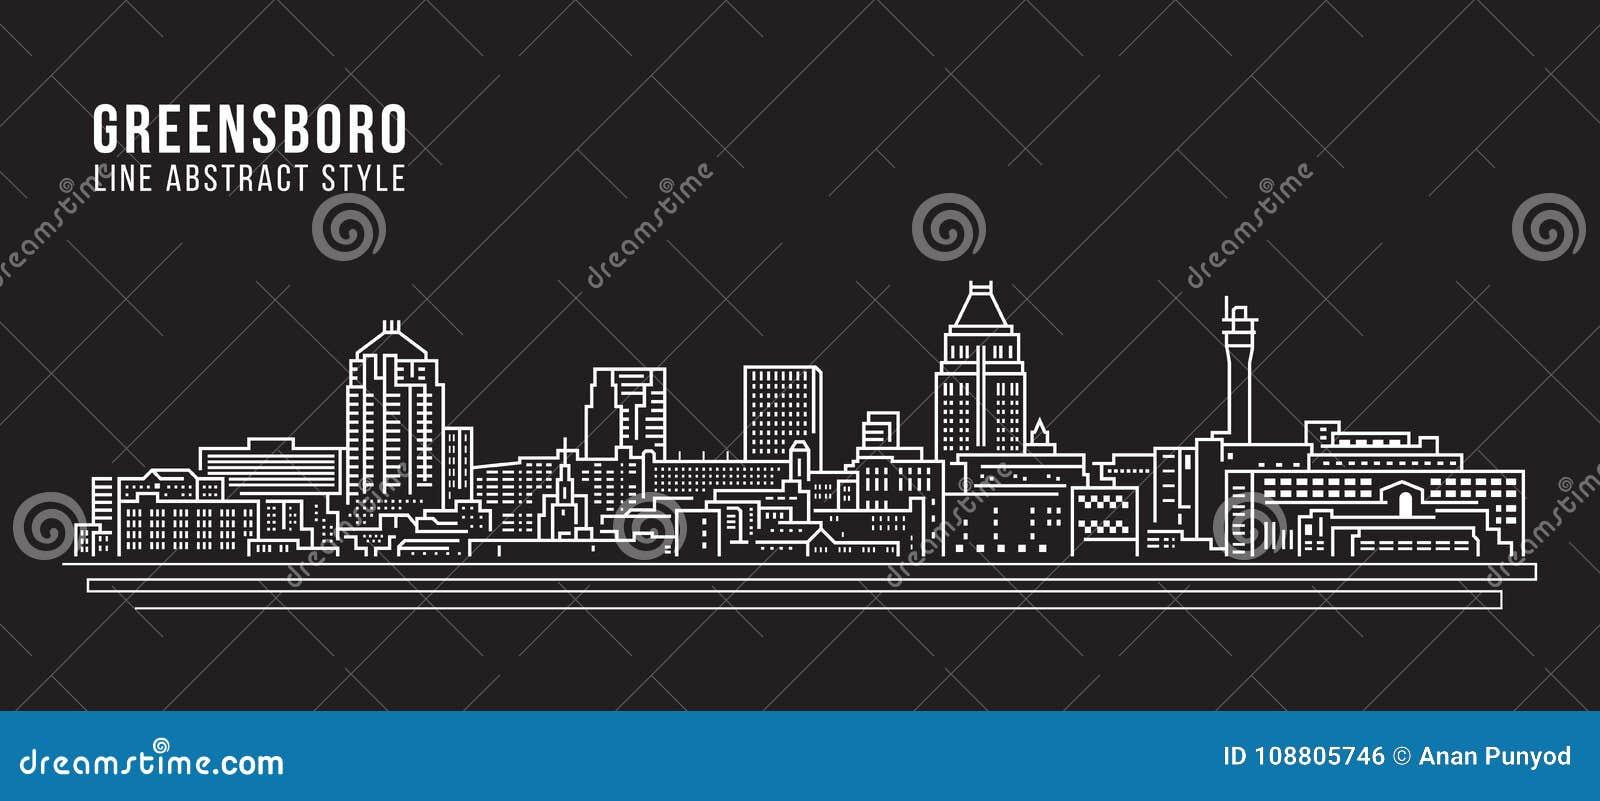 Alignement de paysage urbain conception d illustration de vecteur d art - ville de Greensboro